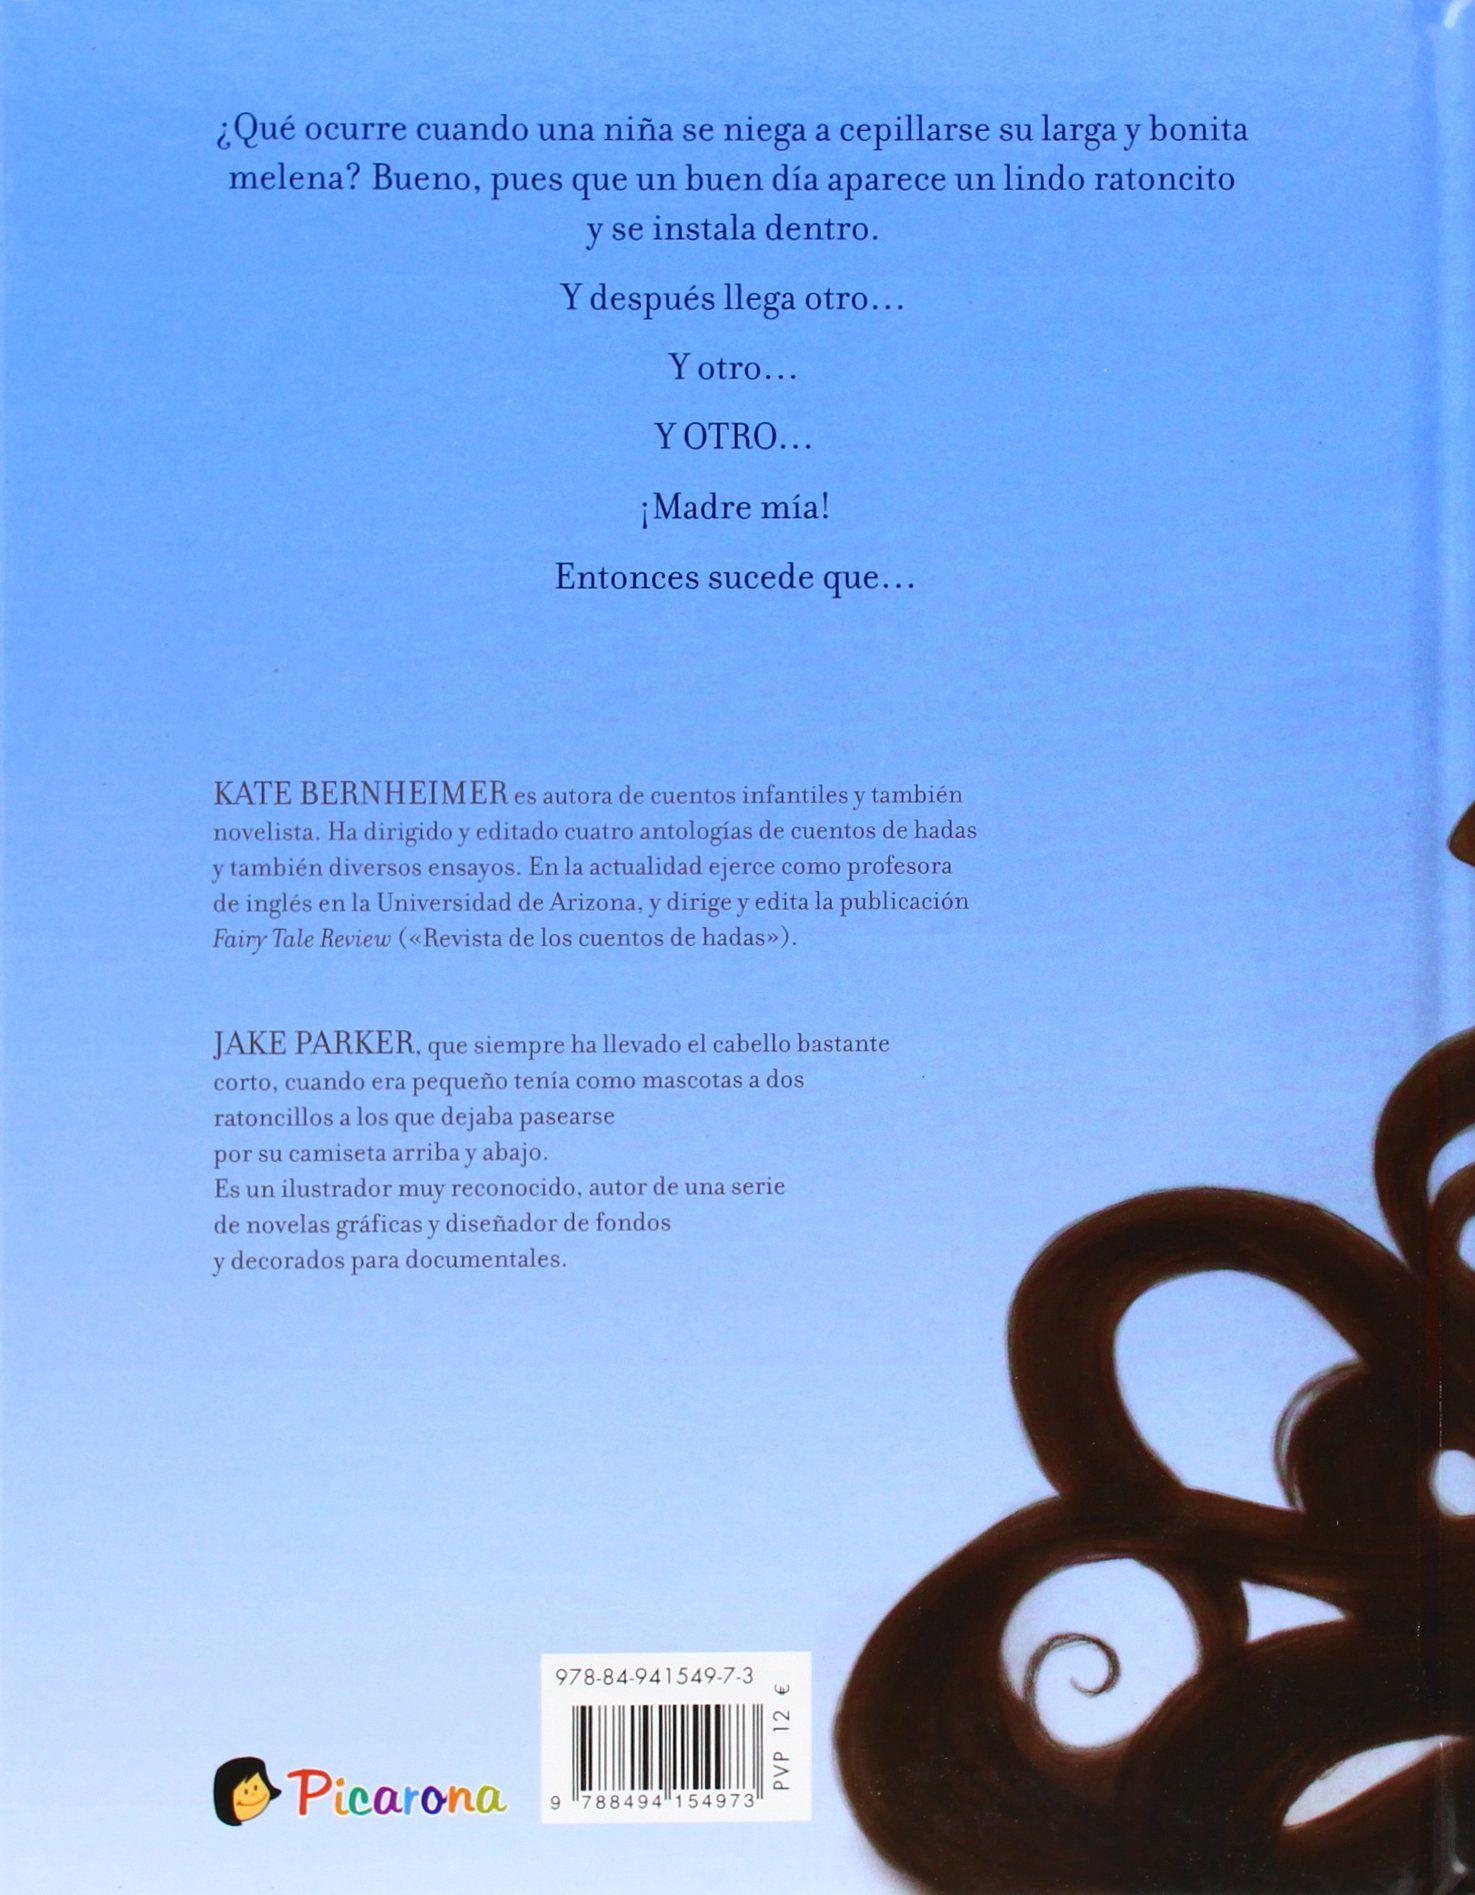 La Niña Que No Quería Cepillarse El Cabello Picarona: Amazon.es: Kate Bernheimer: Libros